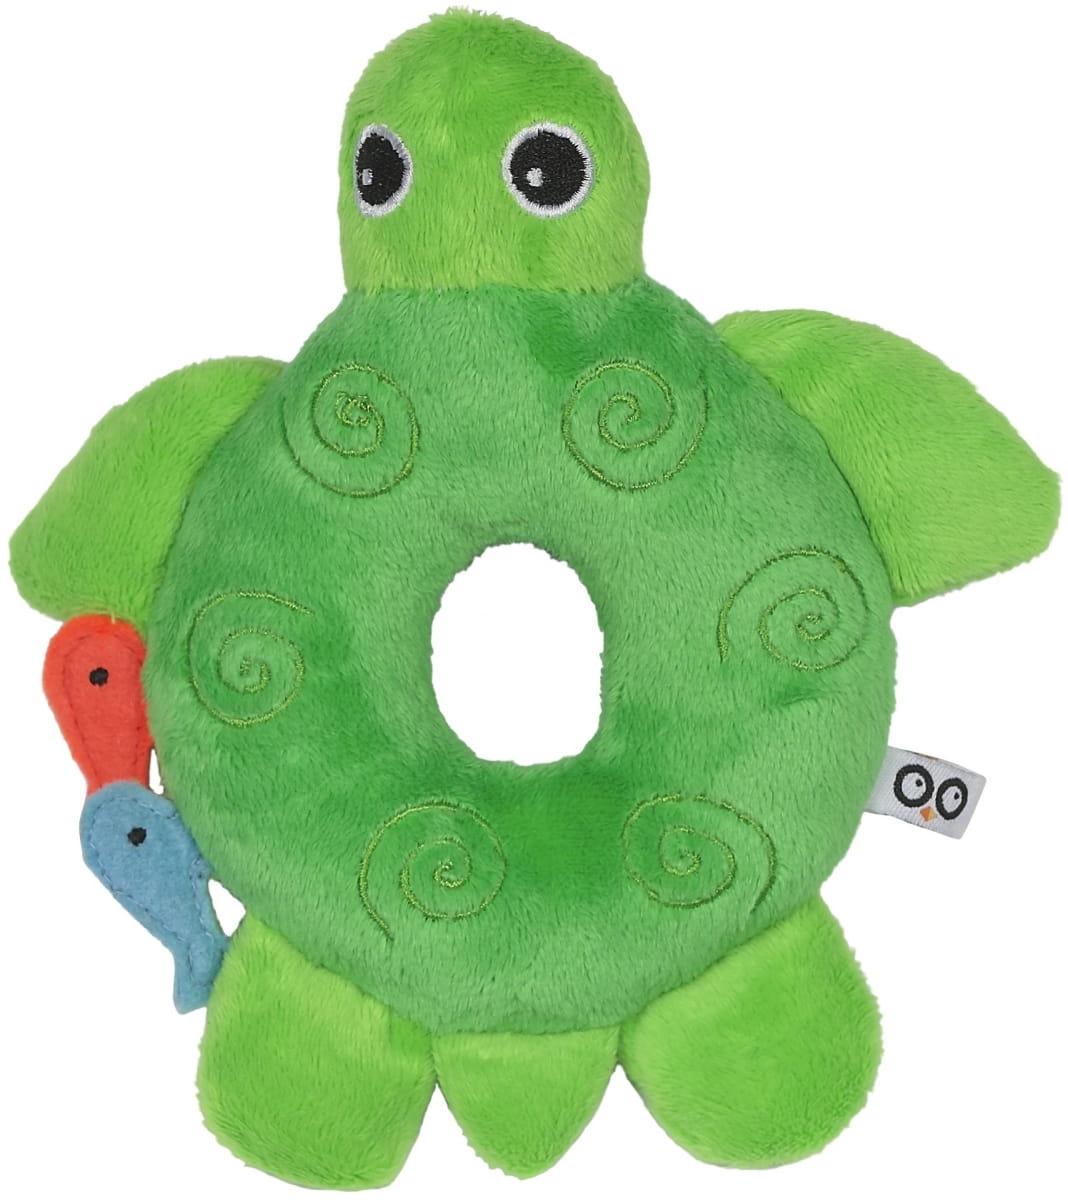 Погремушка ZOOCCHINI Черепашка зеленая - Развивающие центры и игрушки